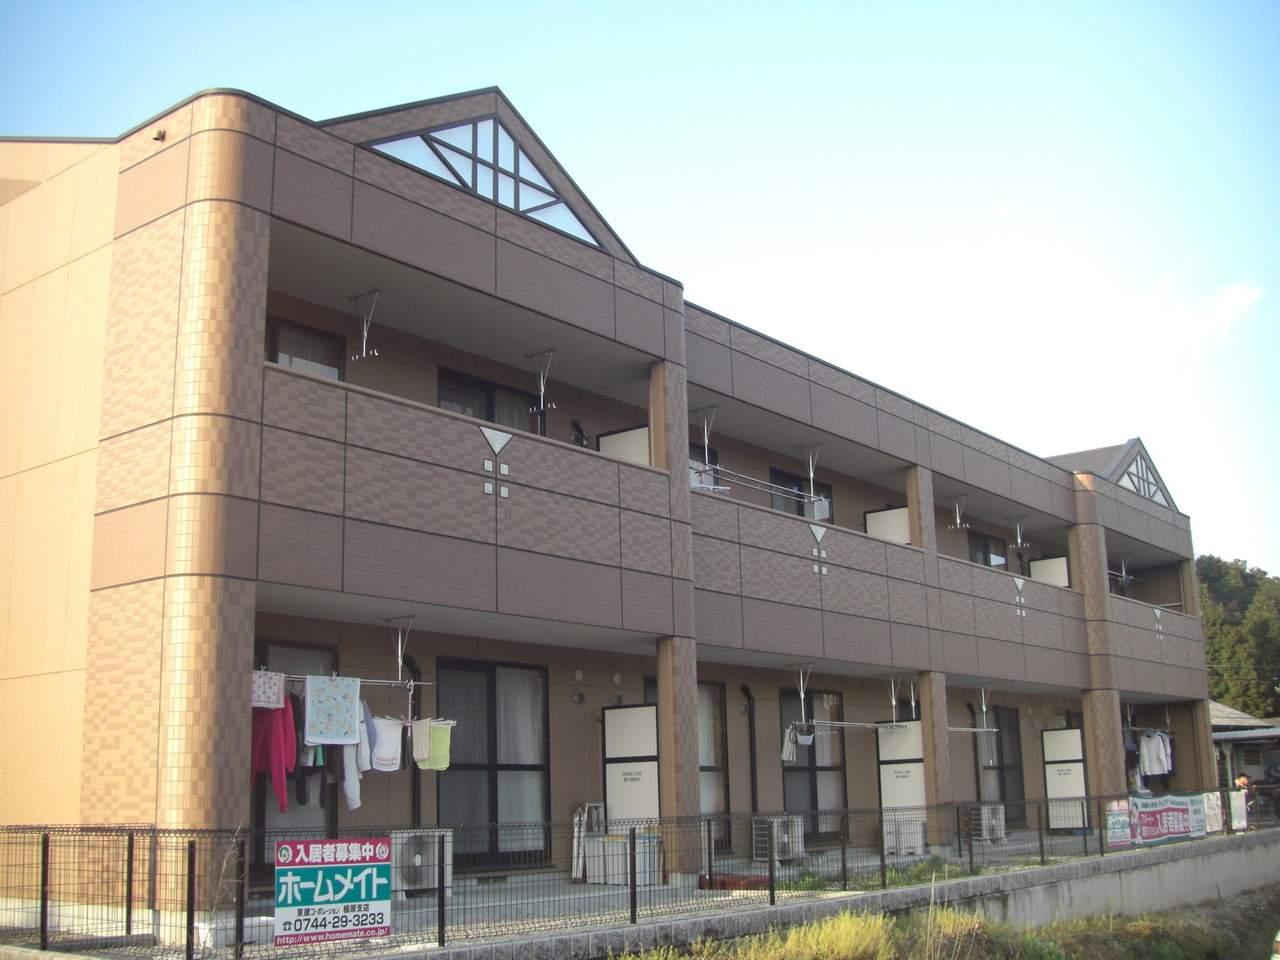 奈良県吉野郡大淀町、下市口駅徒歩27分の築10年 2階建の賃貸マンション